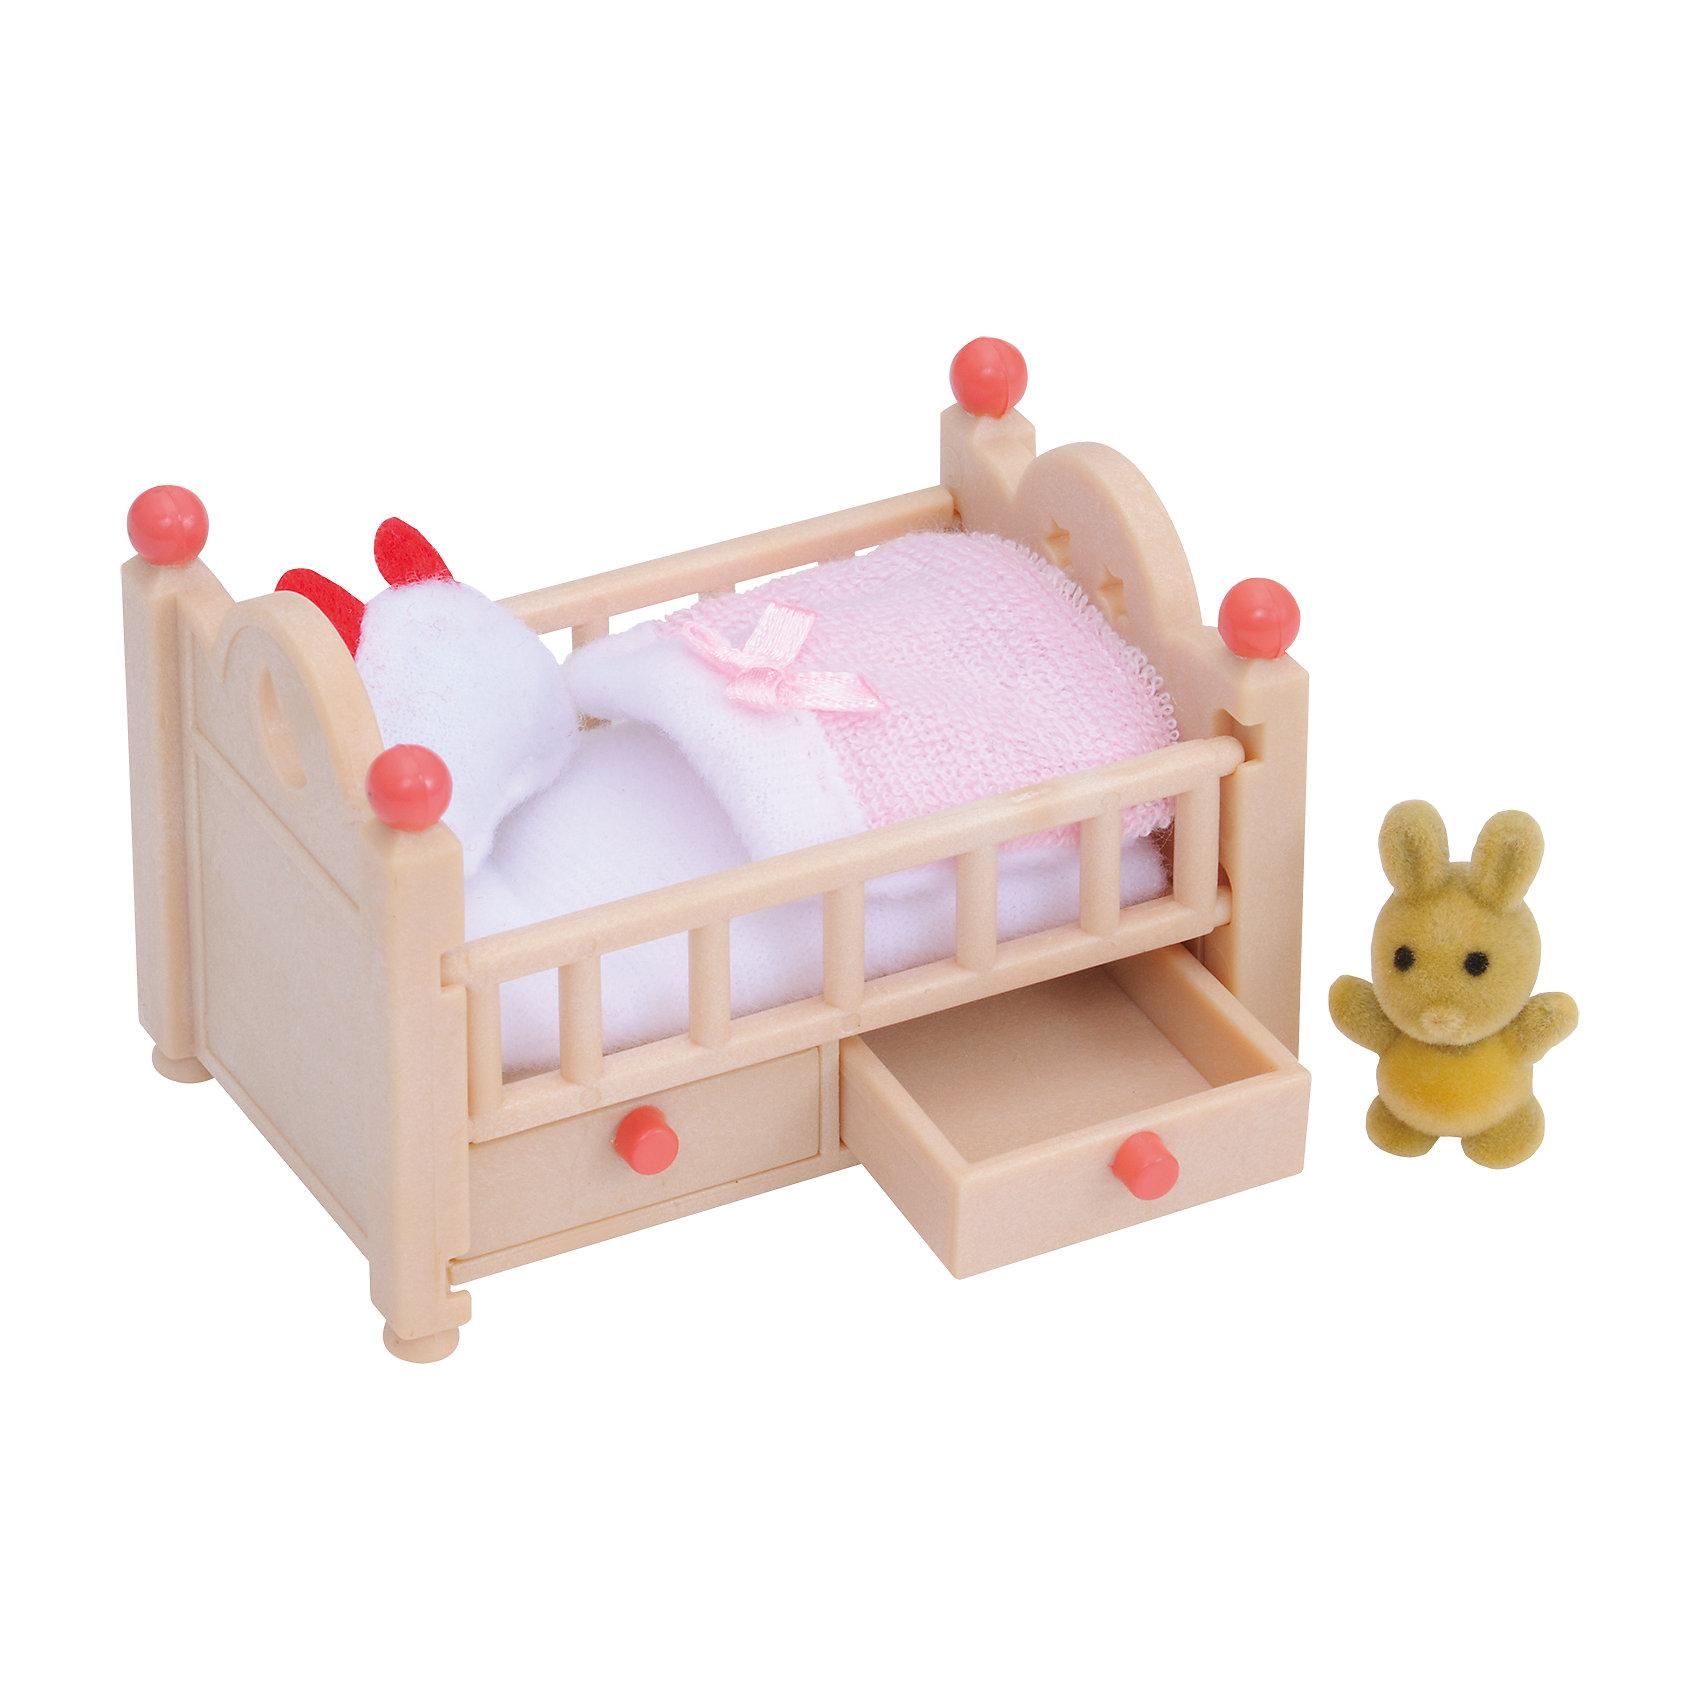 Набор Детская кроватка Sylvanian FamiliesНабор Детская кроватка от Sylvanian Families (Сильваниан Фалимиес) выполнена очень реалистично,  Ваш ребенок сможет проявить заботу о своем подопечном.  И малышу  из лесной семейки так будет уютно здесь спать.<br>У кроватки по бокам бортики, снизу – выдвижные ящички для белья. Постельное белье выдержано в спокойных светло – розовых тонах.<br> Пусть ваш ребенок споет колыбельную игрушечной зверушке, так он научится дарить окружающим тепло.<br><br>Размер упаковки: 6 *12,5 *7,5 см<br>Материал: текстиль, ПВХ с полимерным наполнением, пластмасса.<br><br>Ширина мм: 128<br>Глубина мм: 96<br>Высота мм: 63<br>Вес г: 69<br>Возраст от месяцев: 36<br>Возраст до месяцев: 72<br>Пол: Женский<br>Возраст: Детский<br>SKU: 2226653